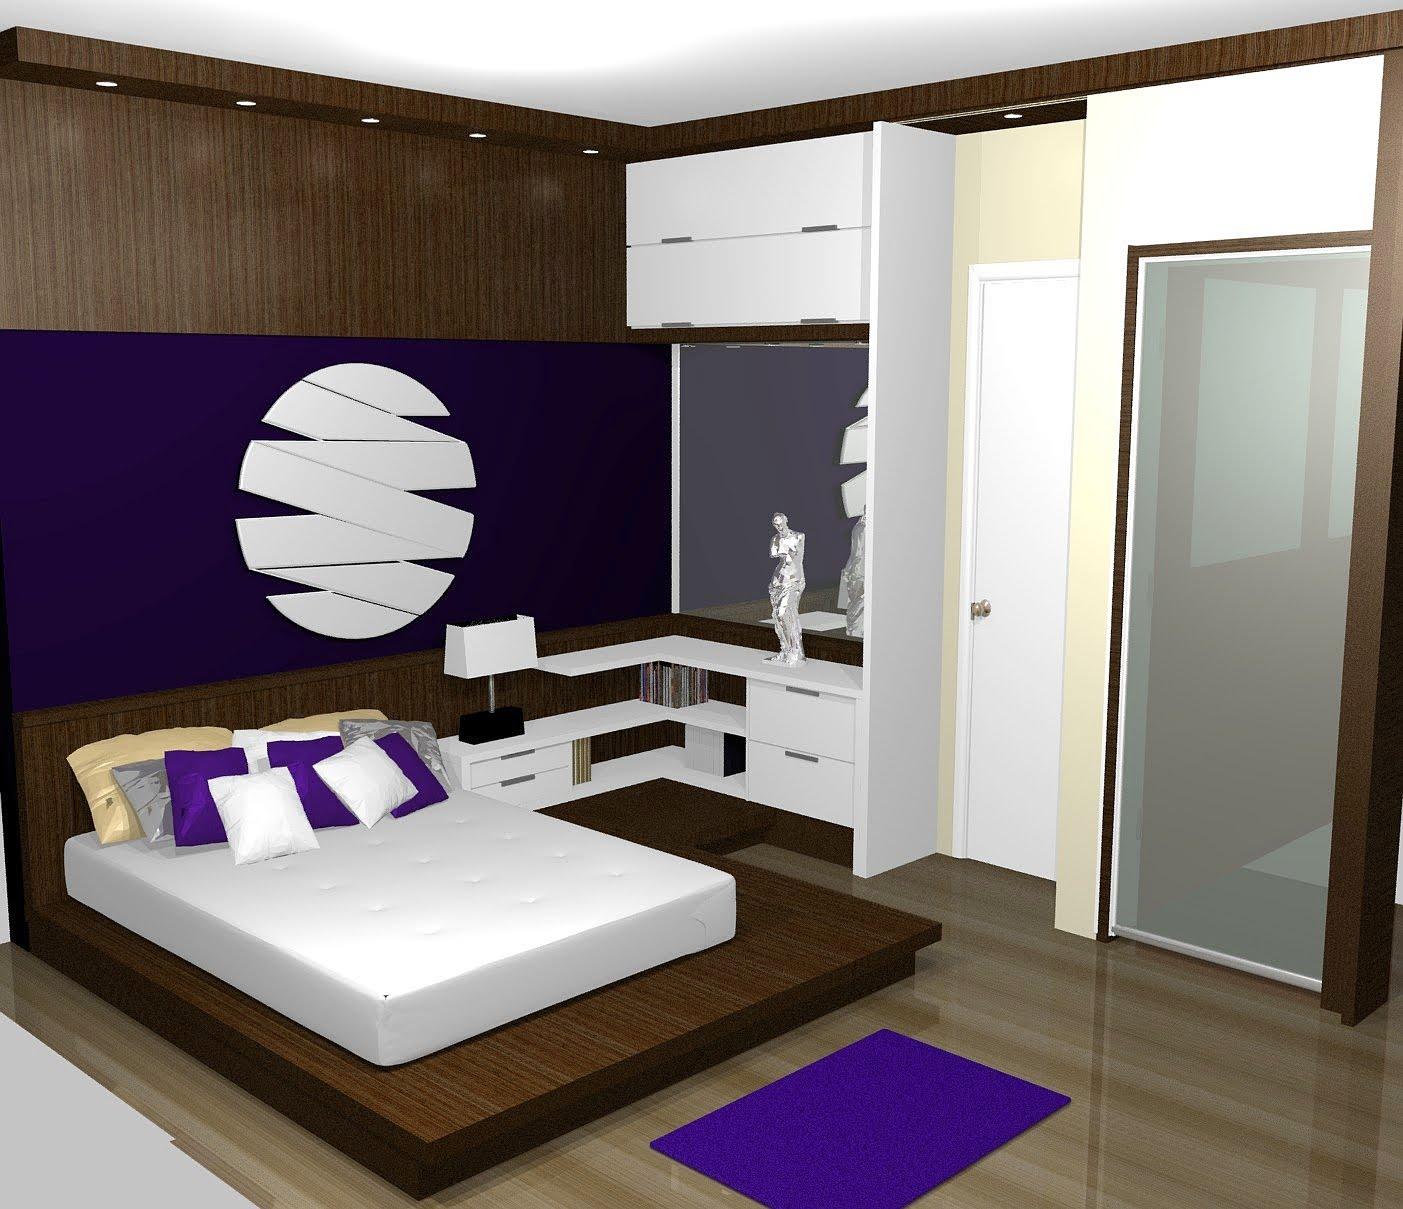 Dormitorio Casal Planejado Quarto Pequeno Redival Com ~ Decoracao Para Quarto Com Painel Mdf Quarto Casal